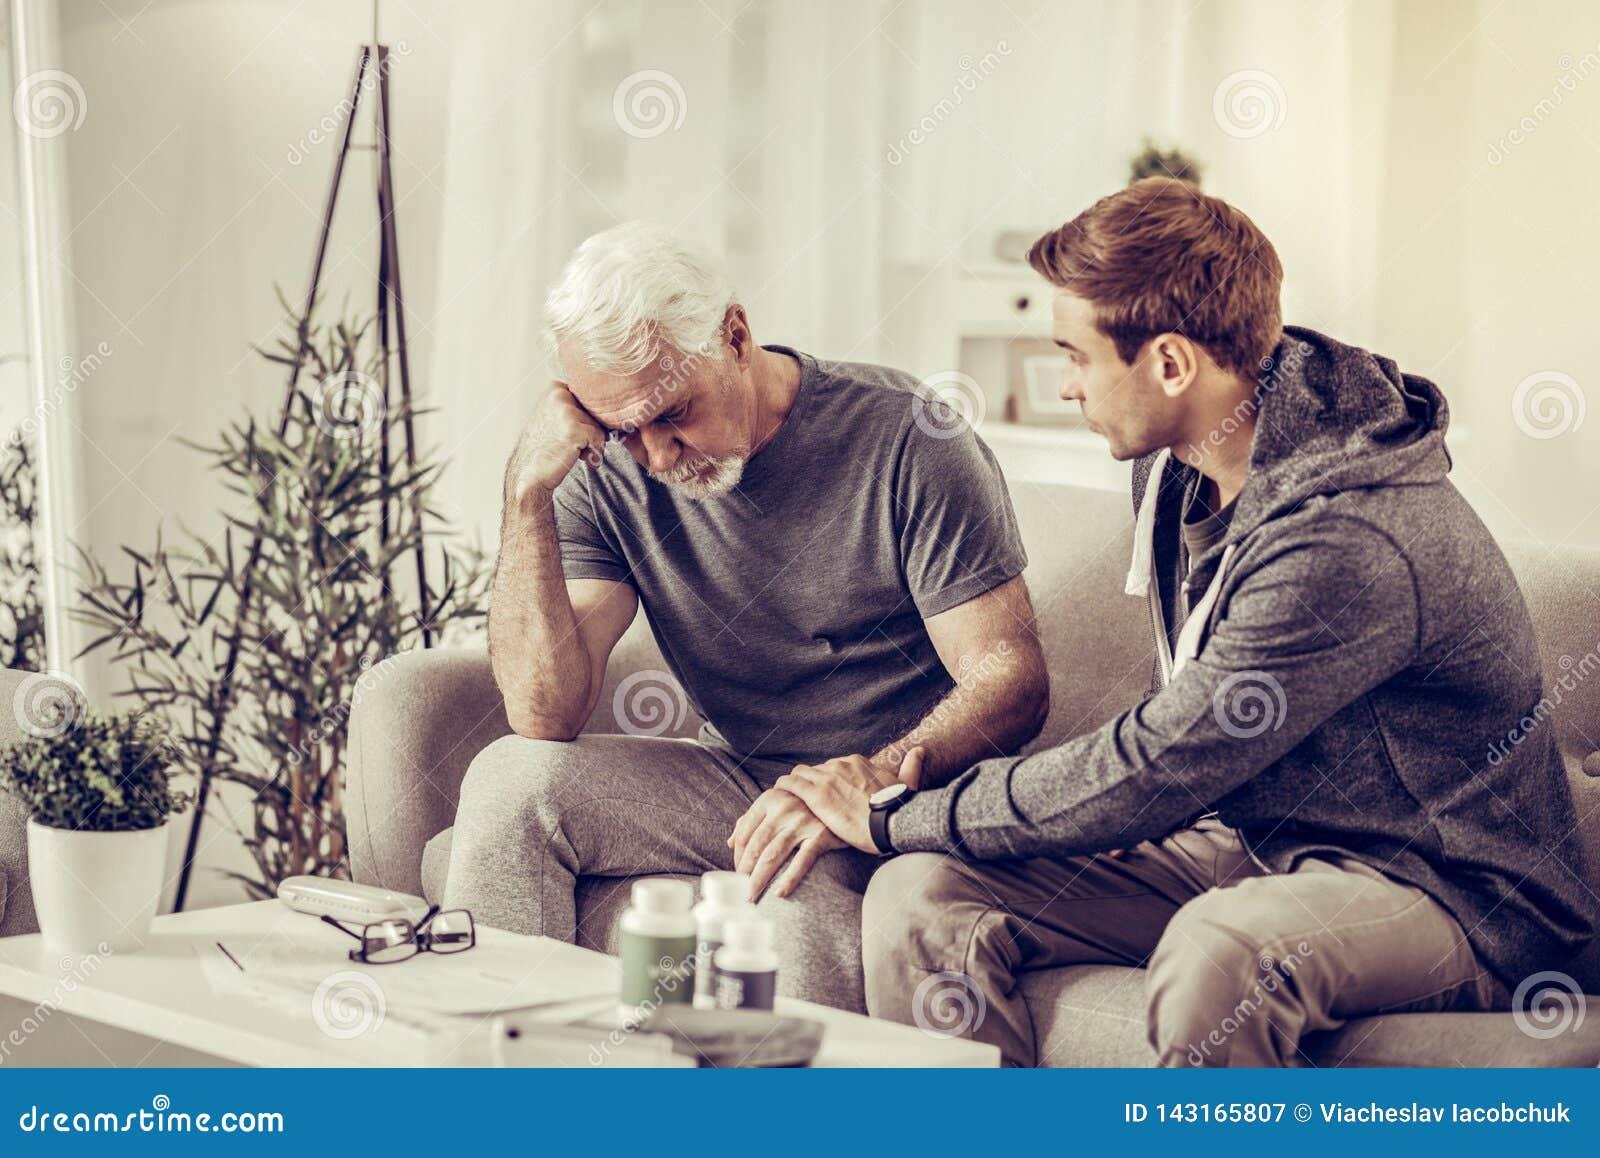 Dorosłego z włosami syn pociesza starszego siwowłosego wzburzonego ojca przy pokojem